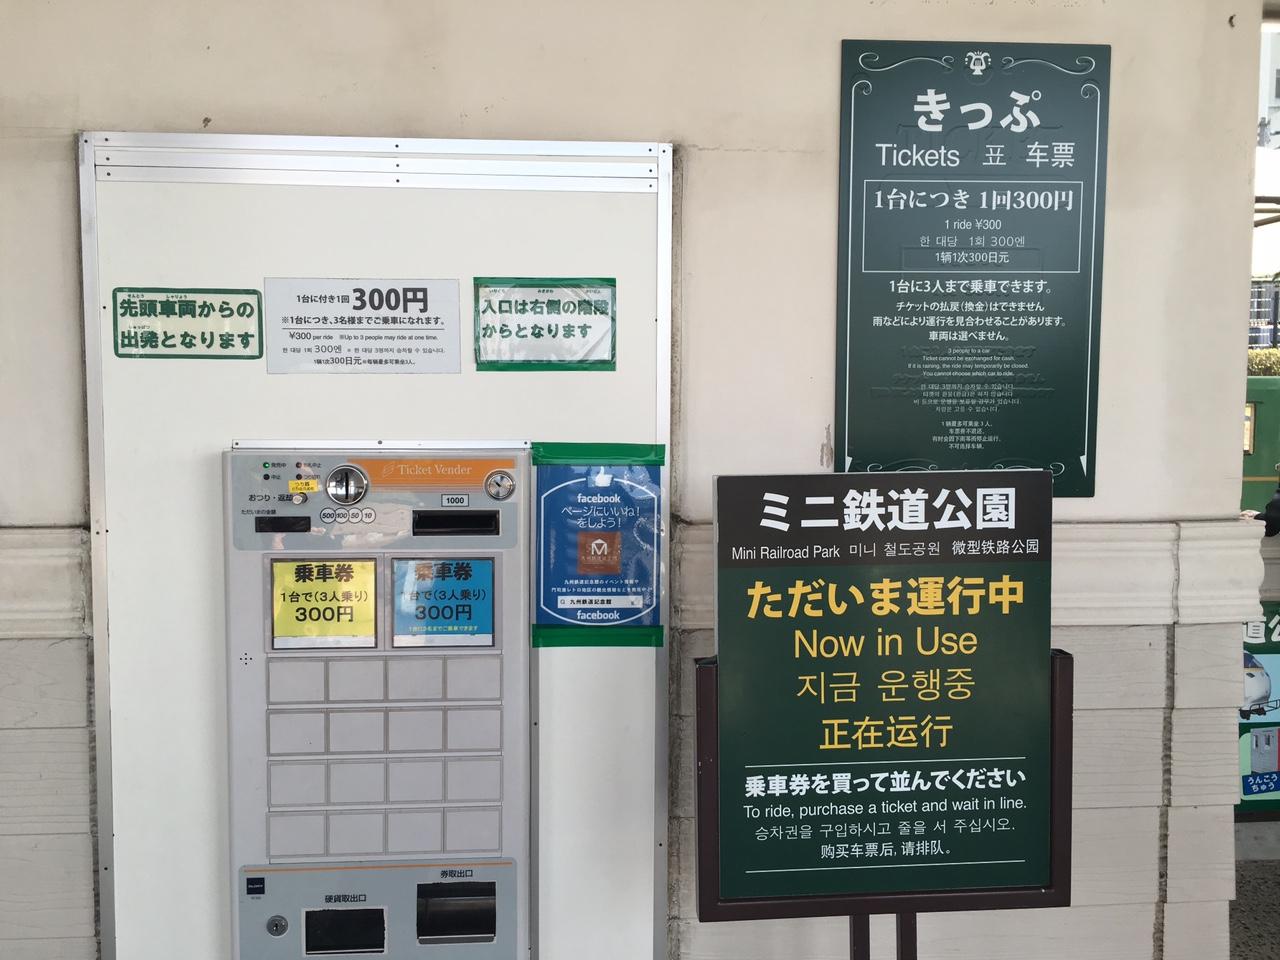 ミニ鉄道公園5